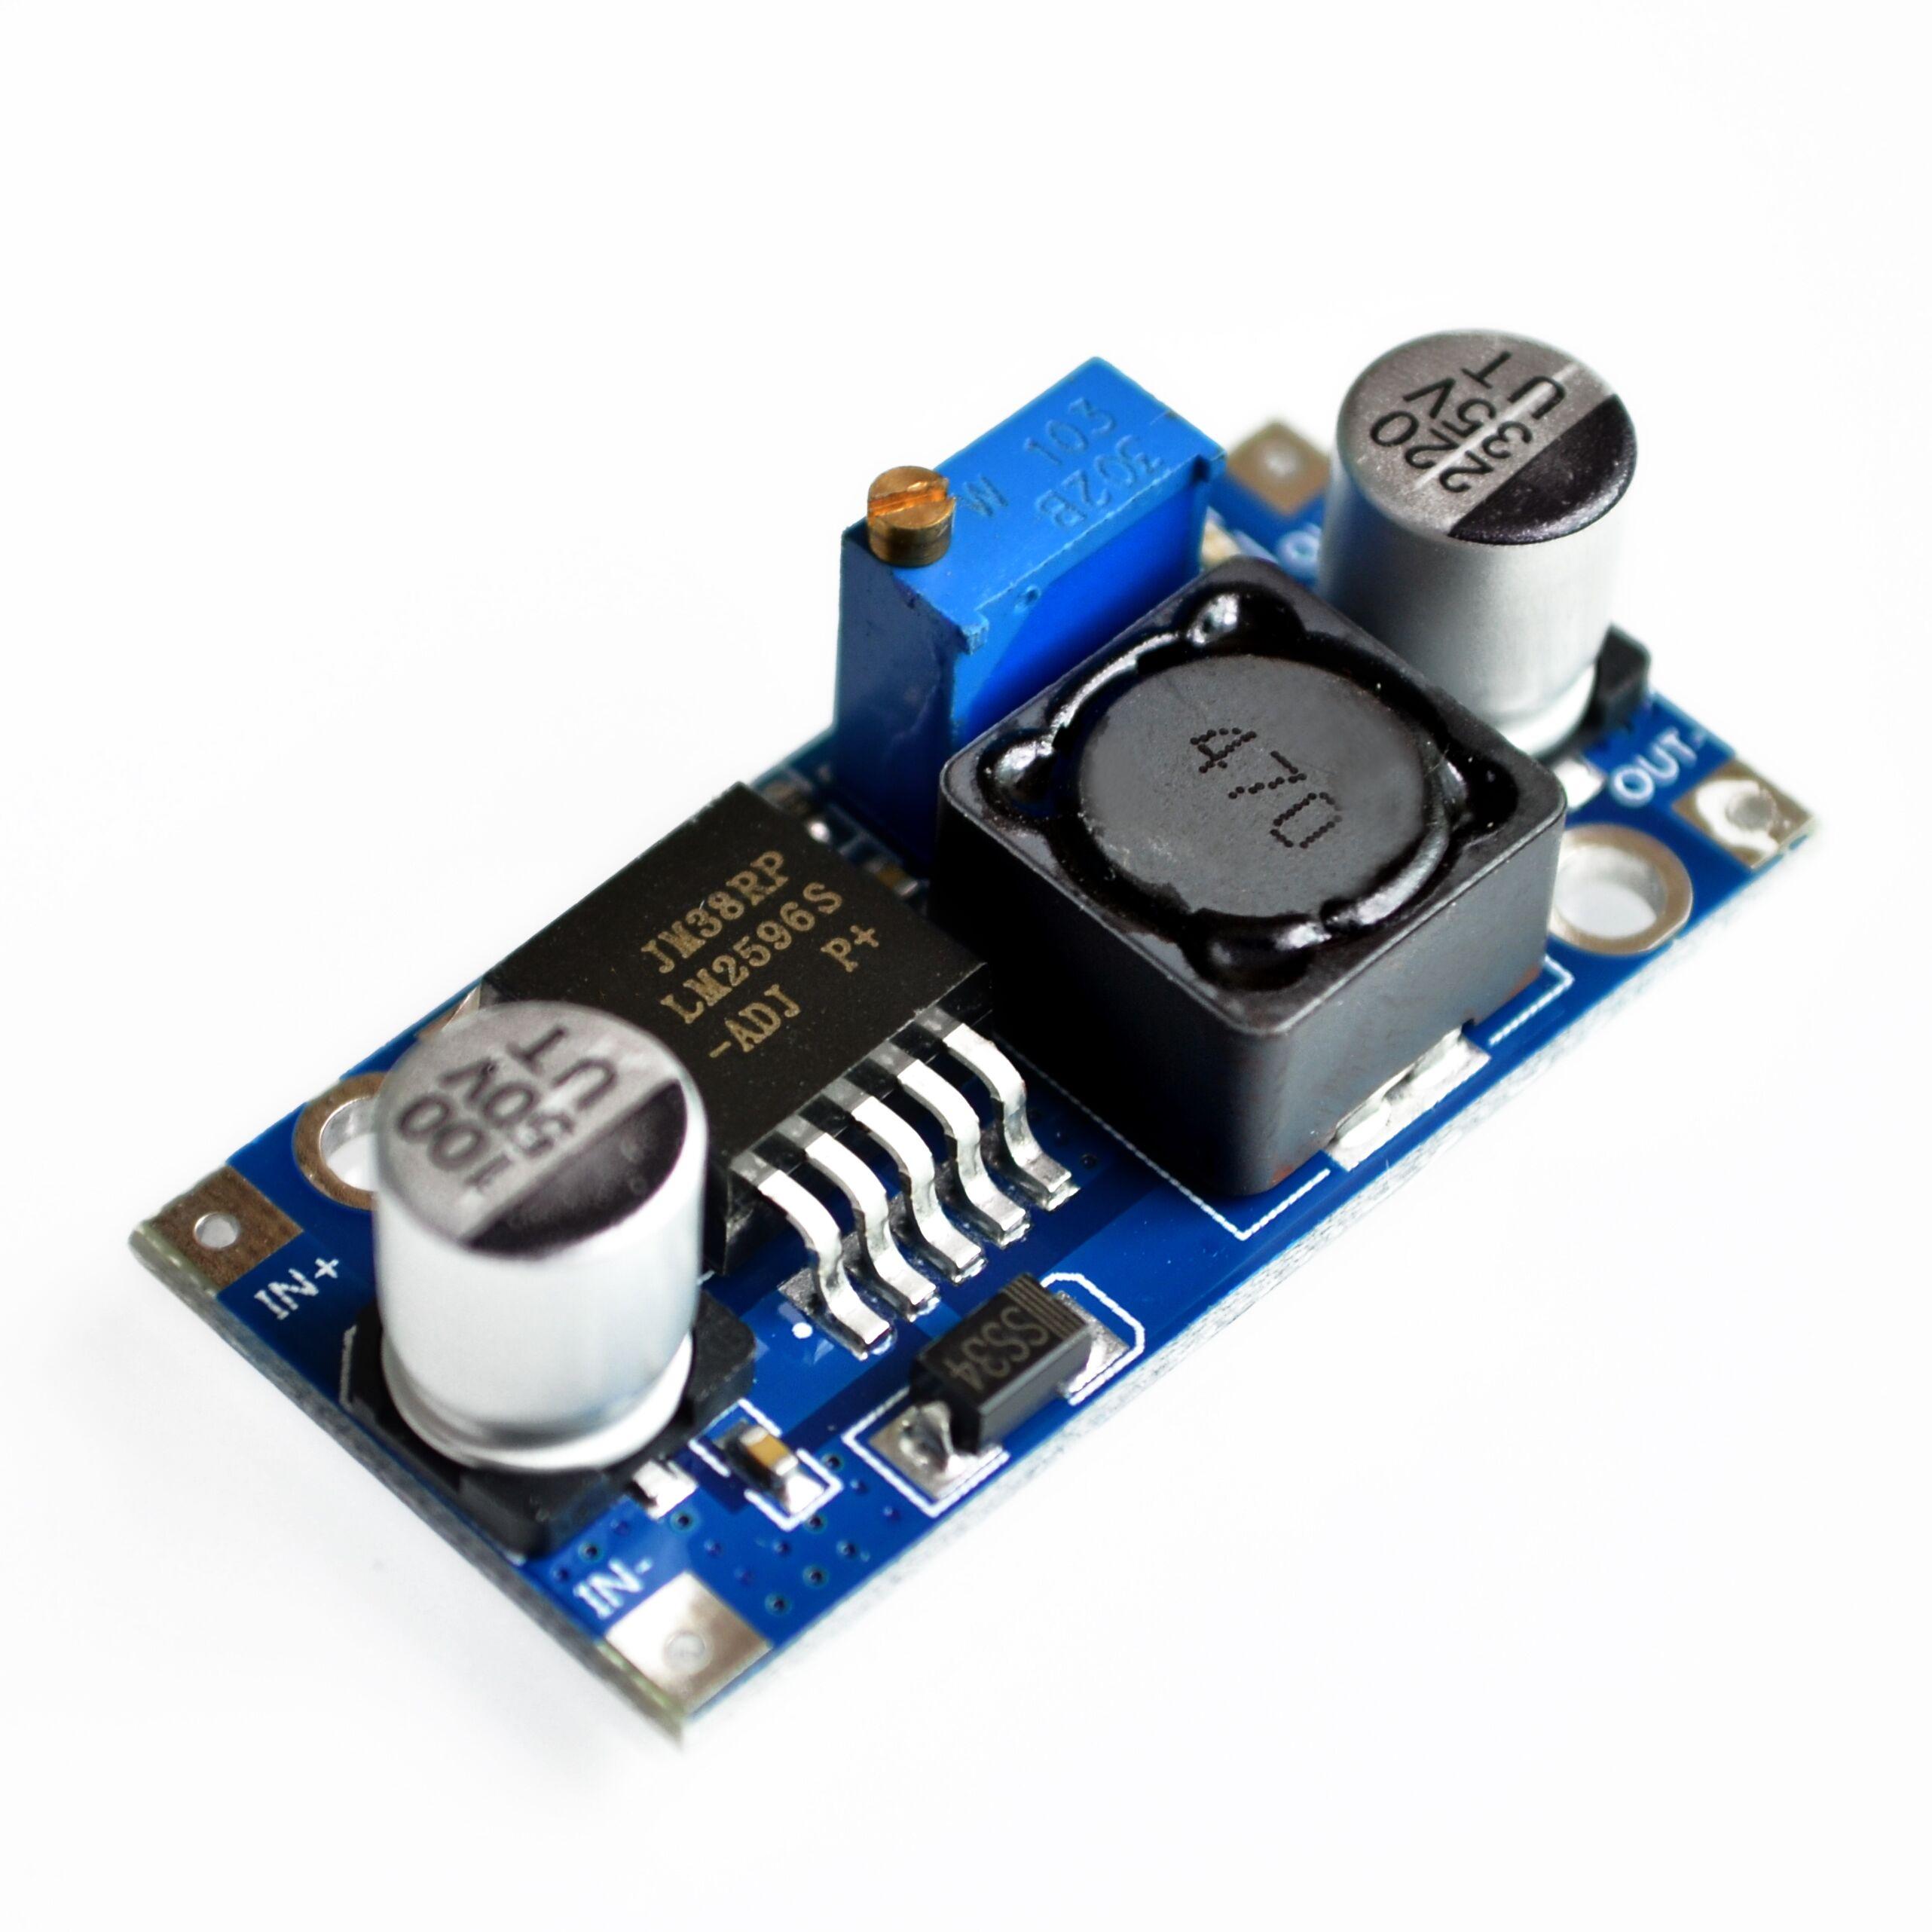 Высокое качество 3A Регулируемый DCDC LM2596 LM2596S вход 4 V-35 V Выход 1,23 V-30 В постоянного тока dc понижающий Питание Регулятор модуль